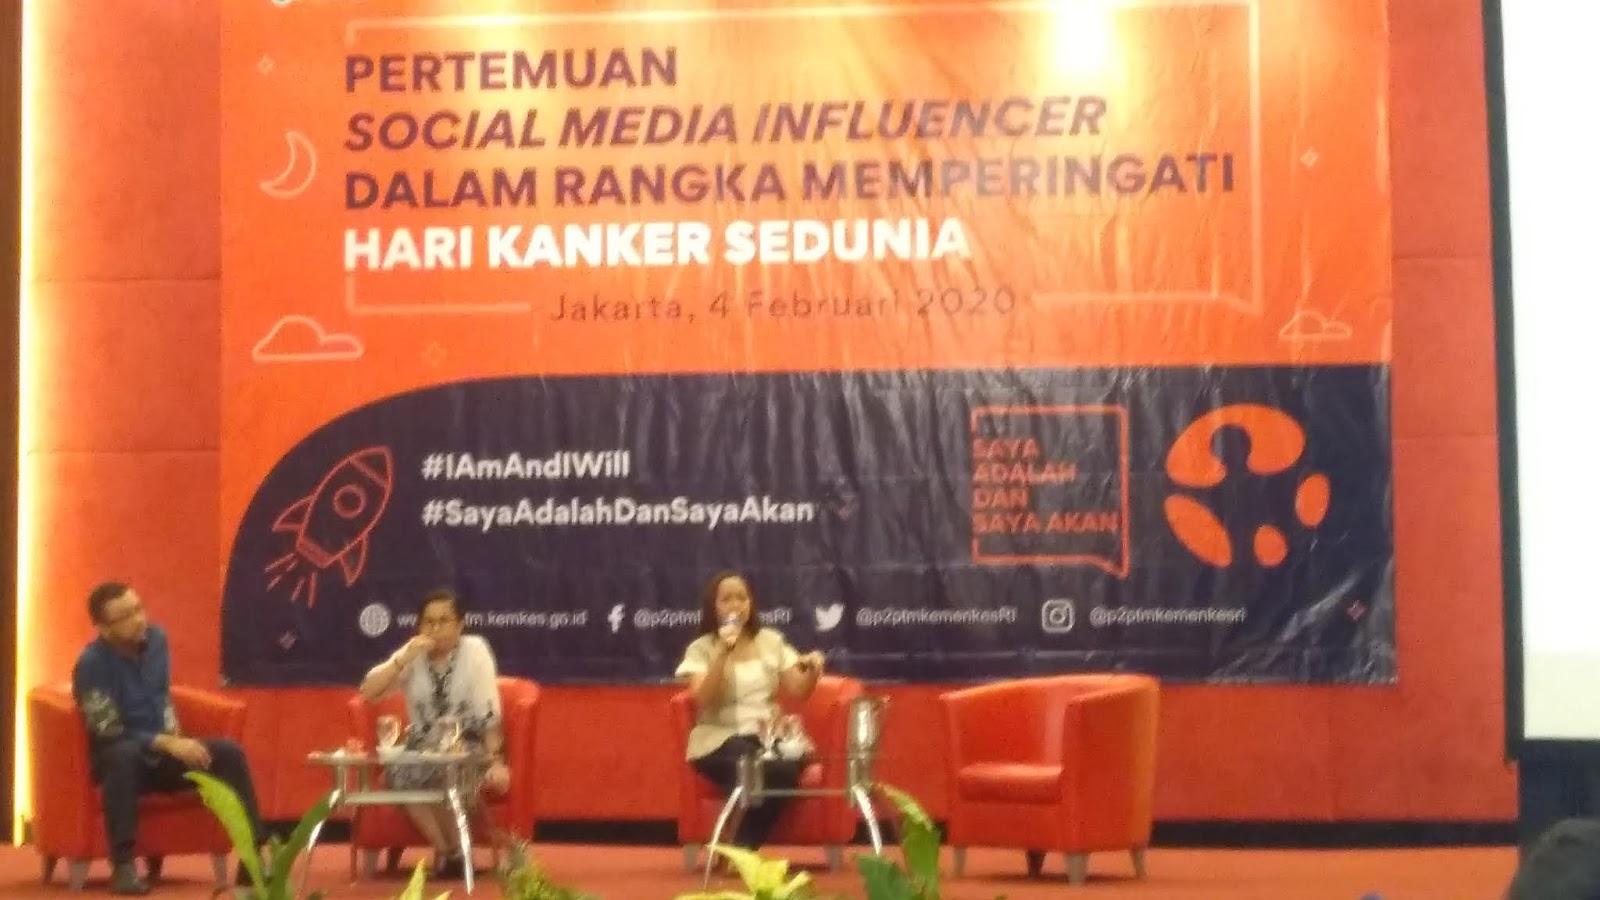 Pengobatan Kanker di Indonesia Canggih - Bunda 3F